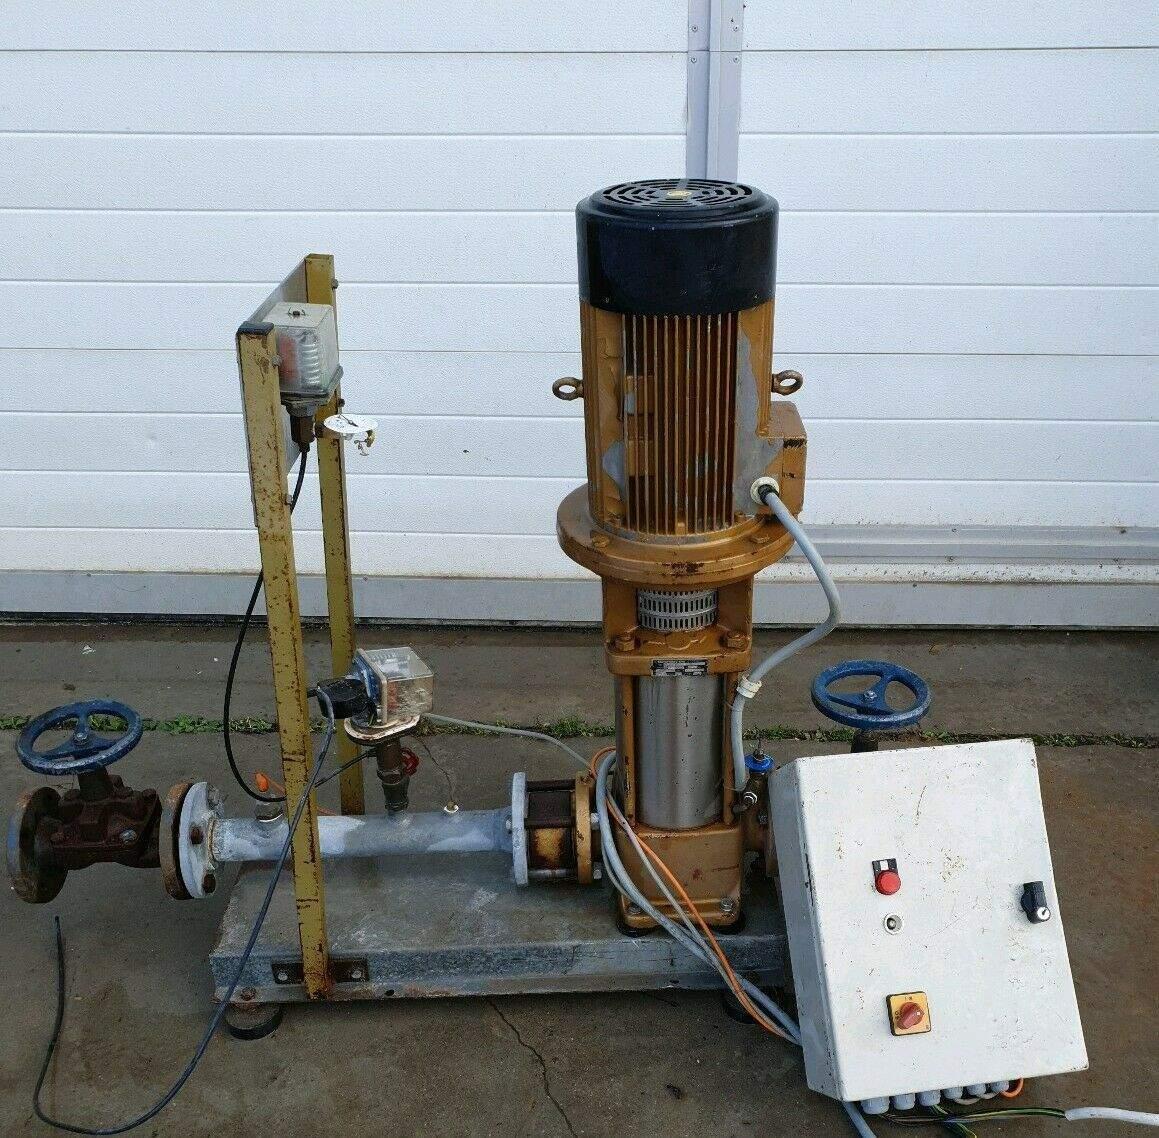 garten pumpen schon pumpe grundfos cr 16 50 f a a druckerhohungspumpe 3 x 400 v druck p9 1200 of garten pumpen